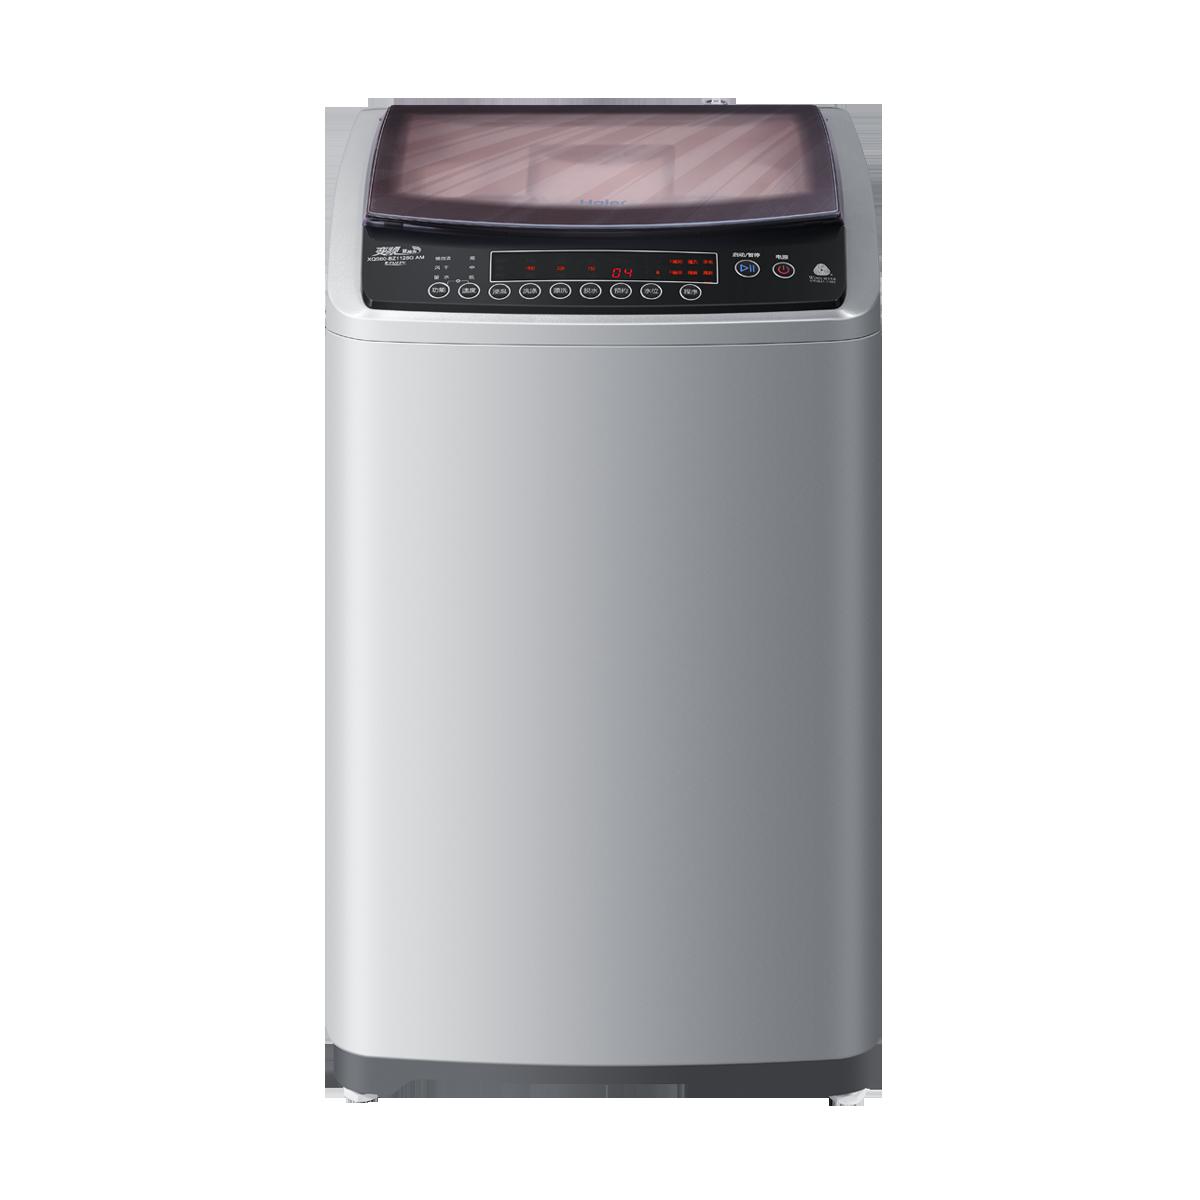 海尔Haier洗衣机 XQS60-BZ1128G(AM) 说明书